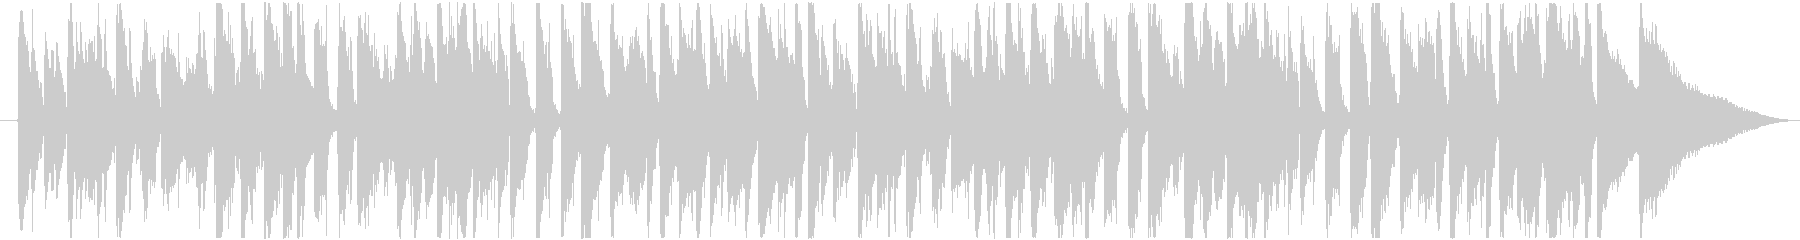 伝統的 ジャズ ビバップ カントリ...の未再生の波形